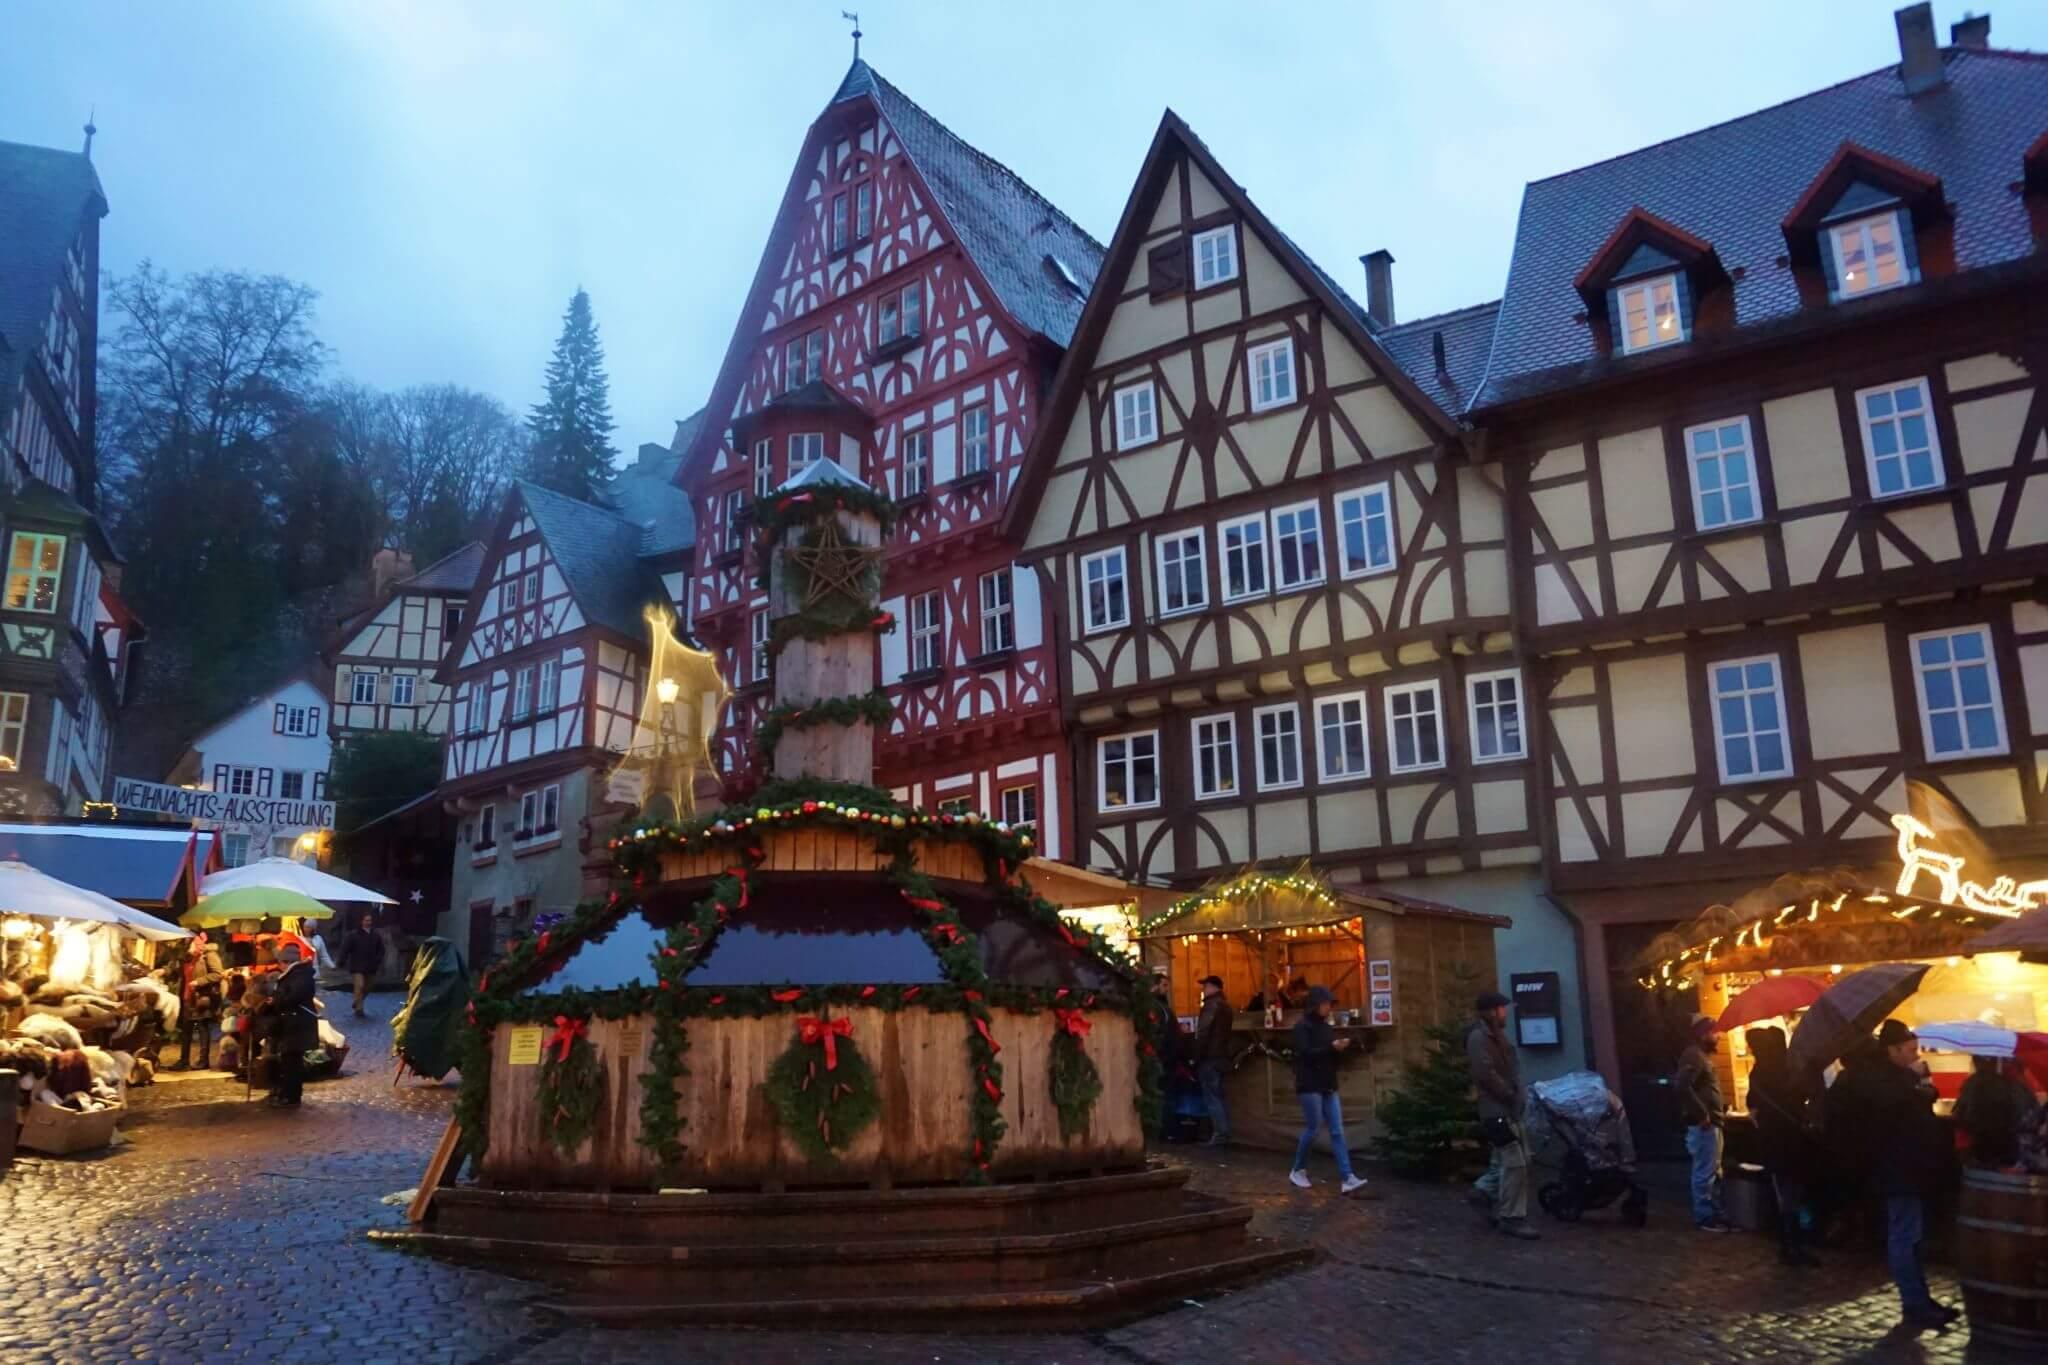 Mercado de Navidad de Miltenberg